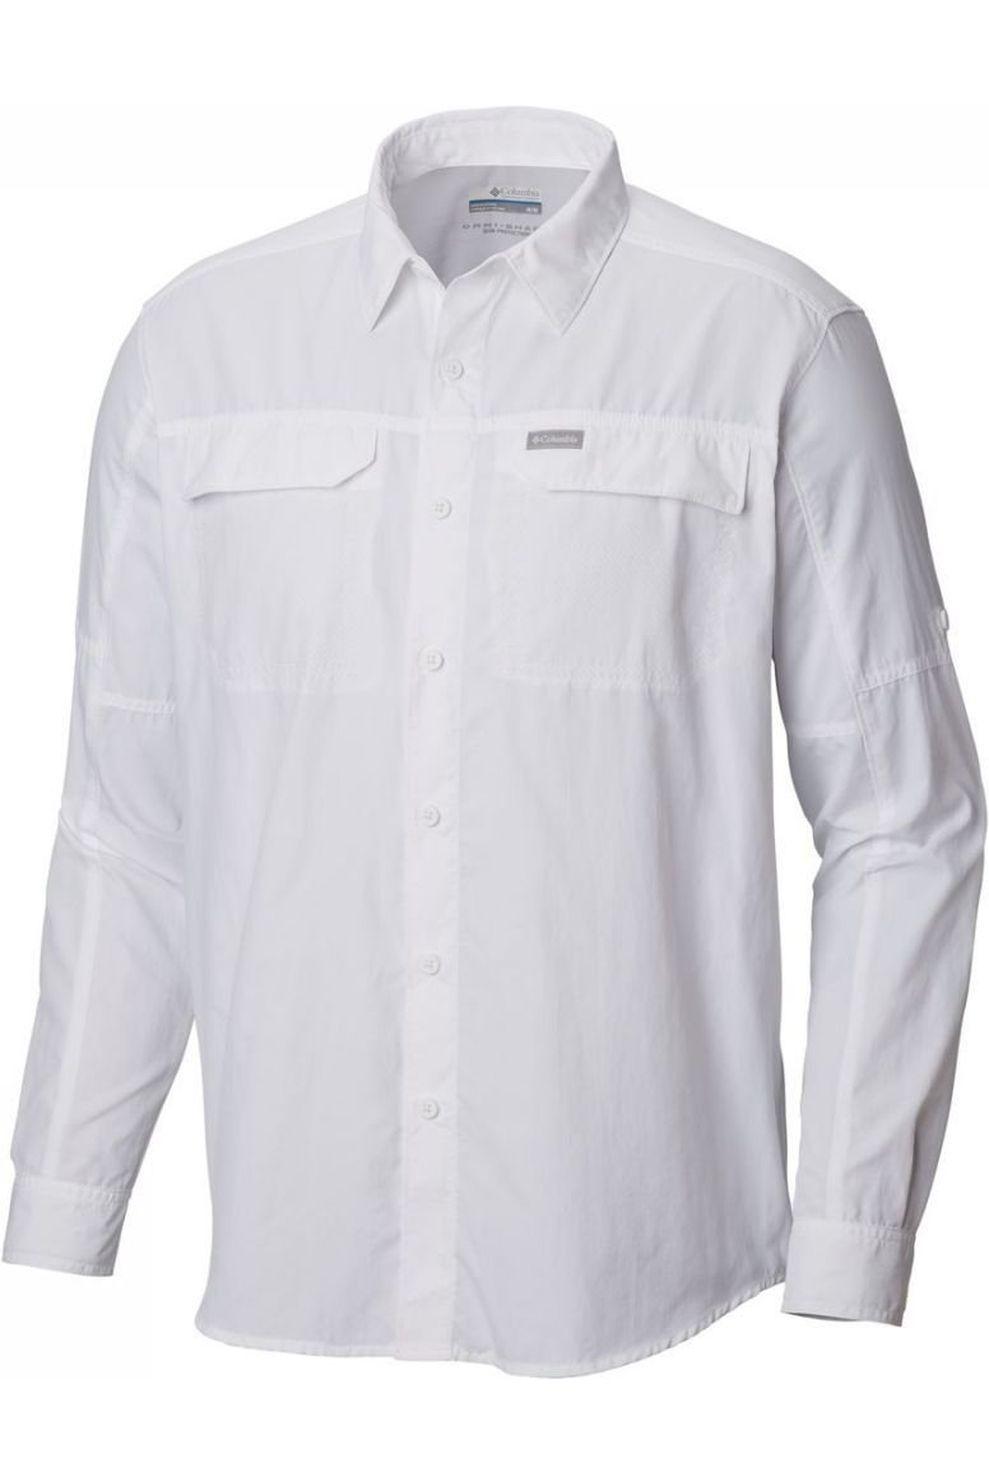 Columbia Hemd Silver Ridge LS voor heren - Wit - Maten: S, M, L, XL, XXL